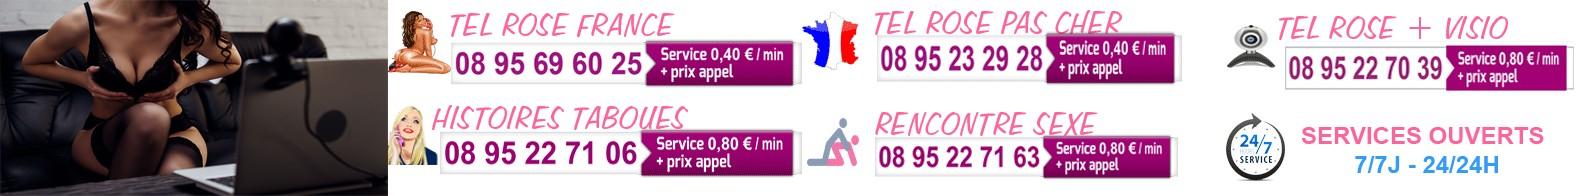 Hôtesses françaises de tél rose amateur